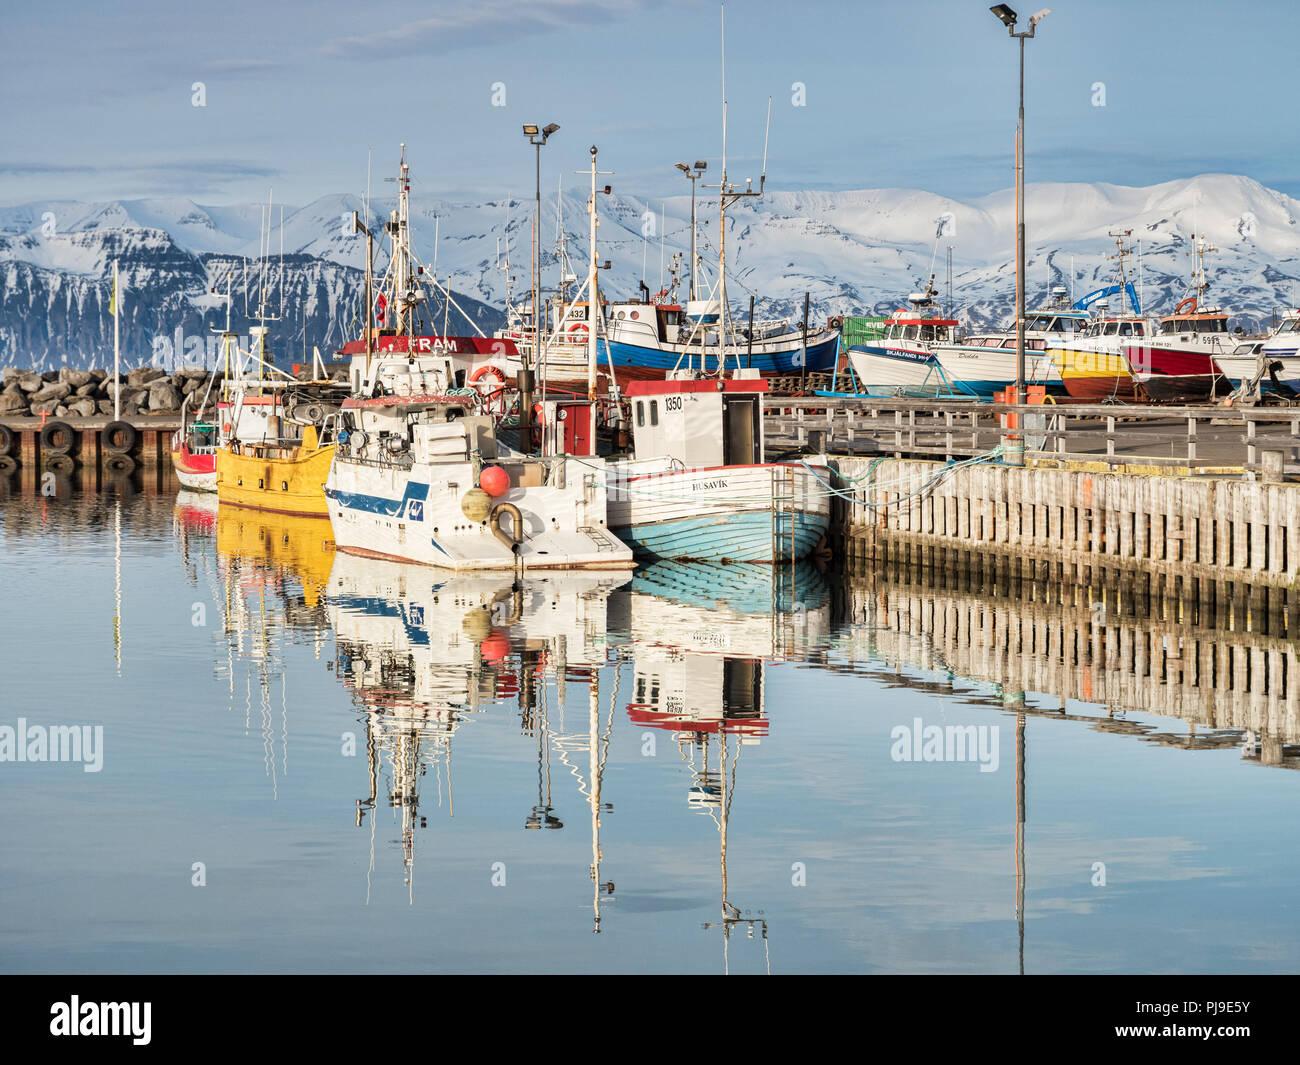 13 de abril de 2018: Husavik, al norte de Islandia - barcos de pesca en el puerto en un brillante día de primavera. Imagen De Stock